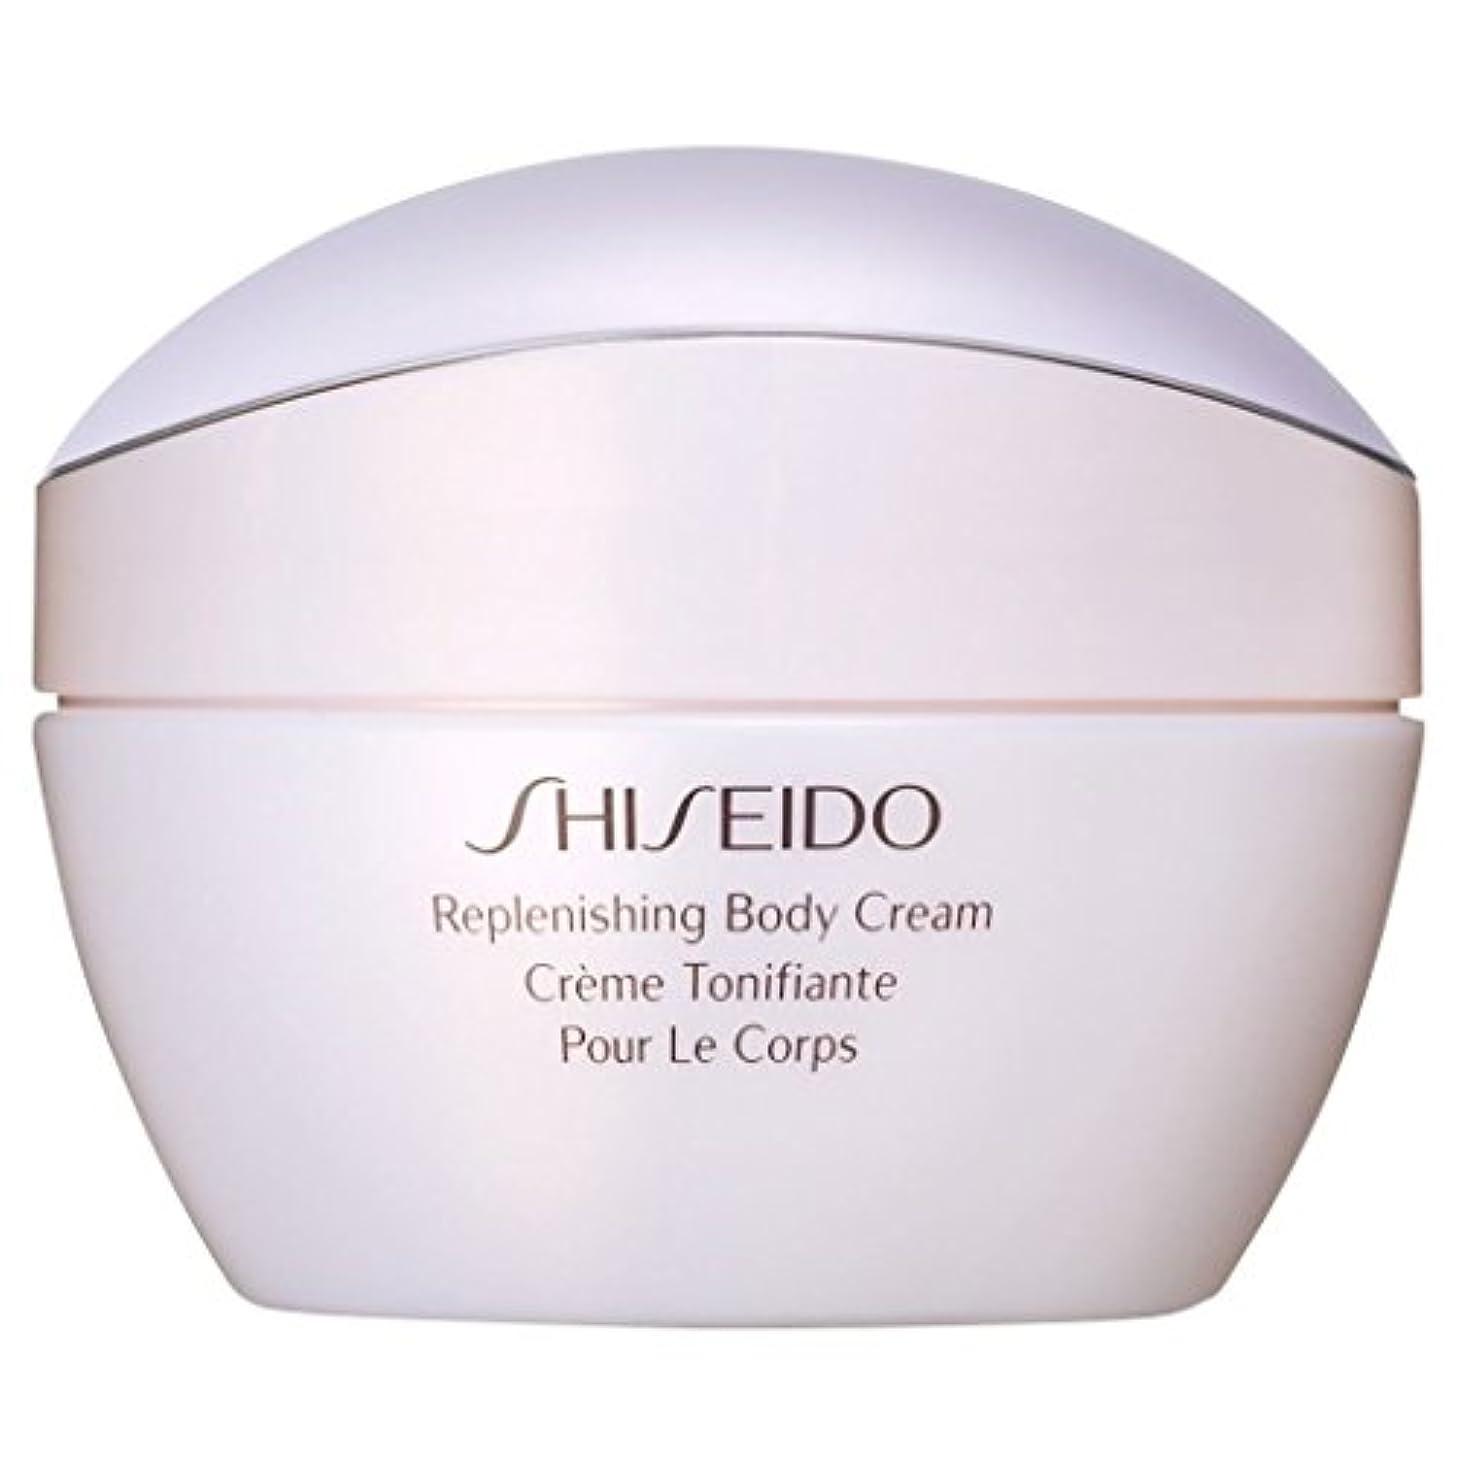 表面バンガロードラム[Shiseido] 資生堂補充ボディクリーム200ミリリットル - Shiseido Replenishing Body Cream 200ml [並行輸入品]